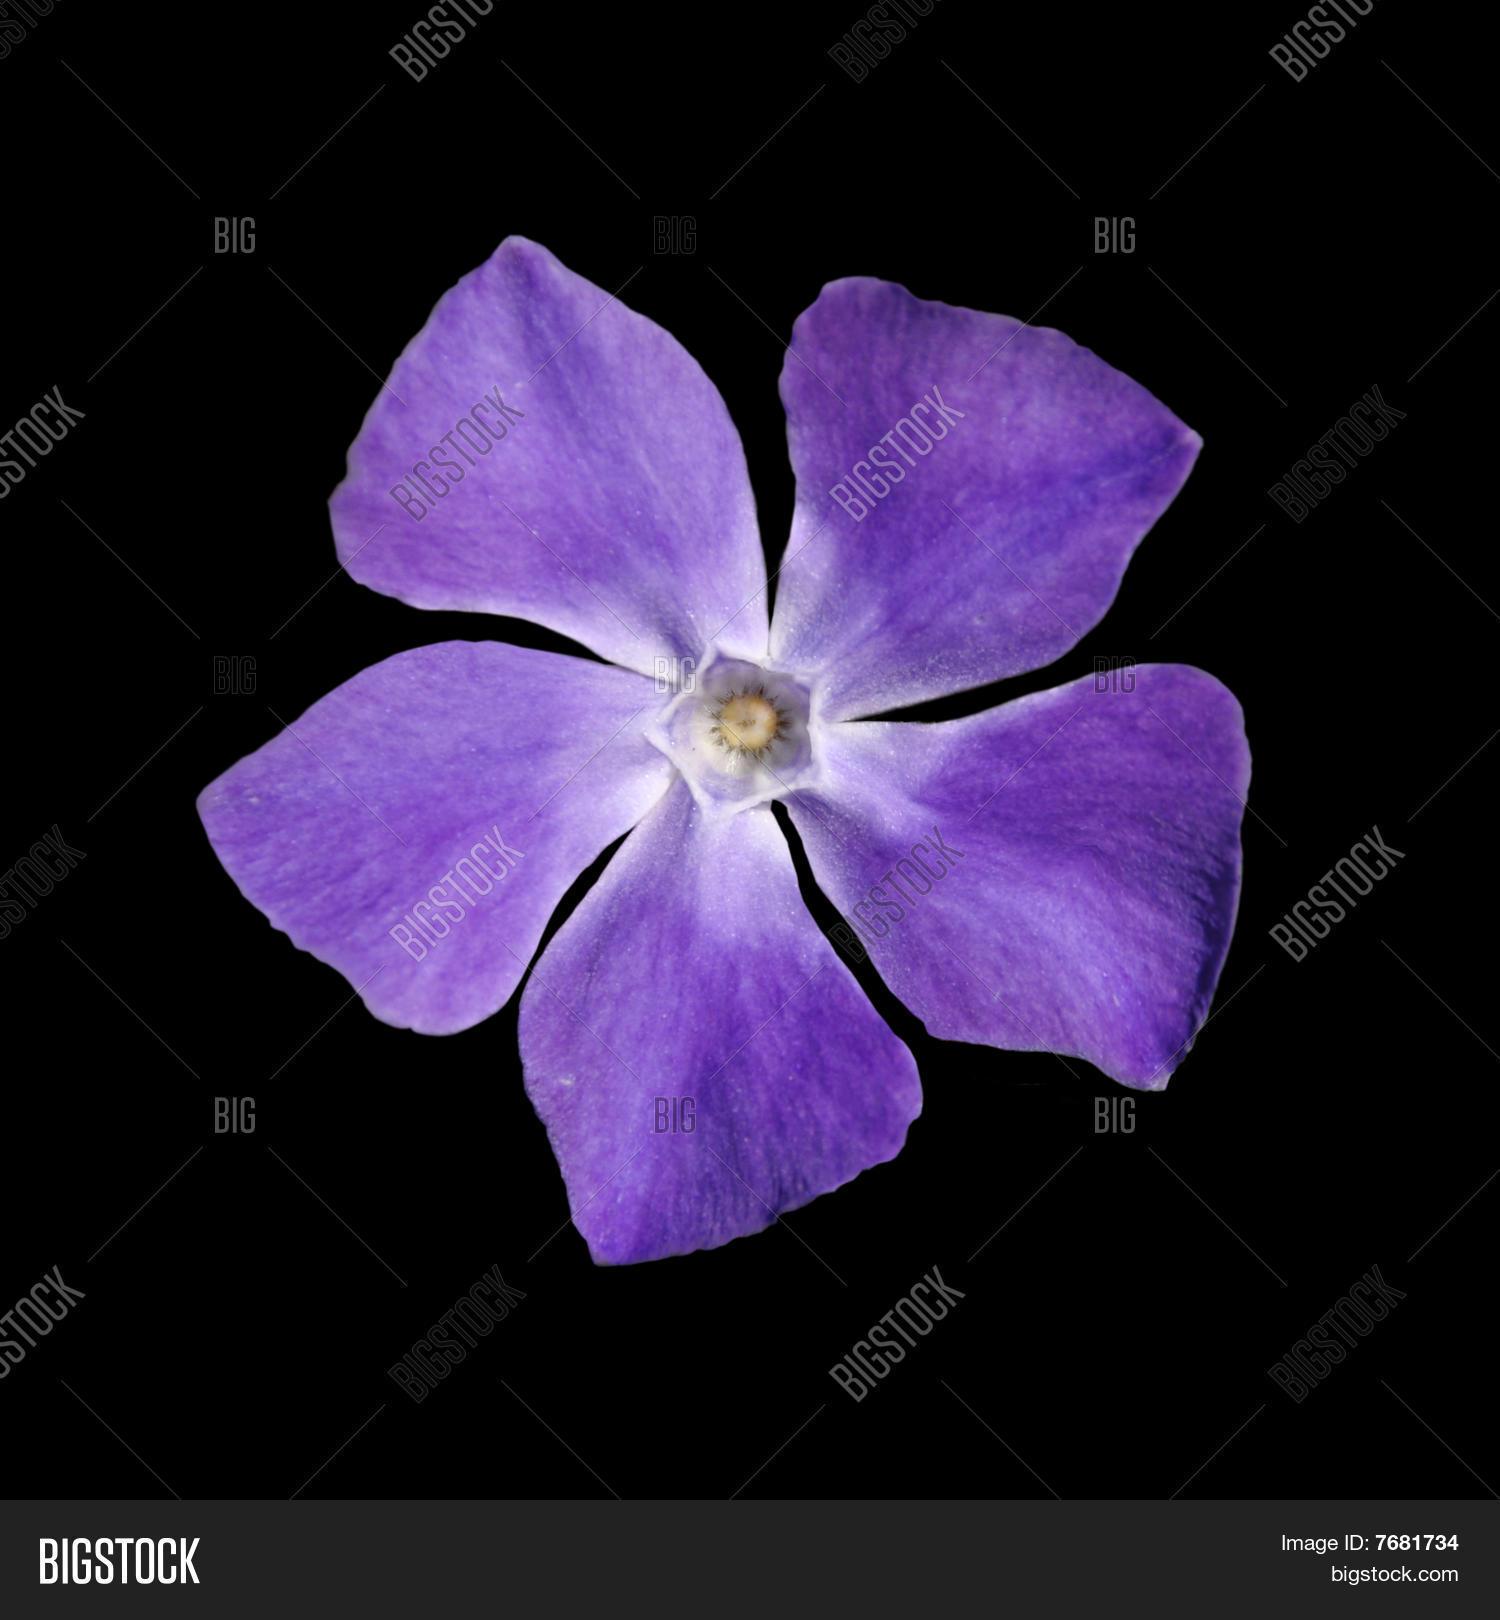 Imagen Y Foto Bígaro Flor Morada Prueba Gratis Bigstock